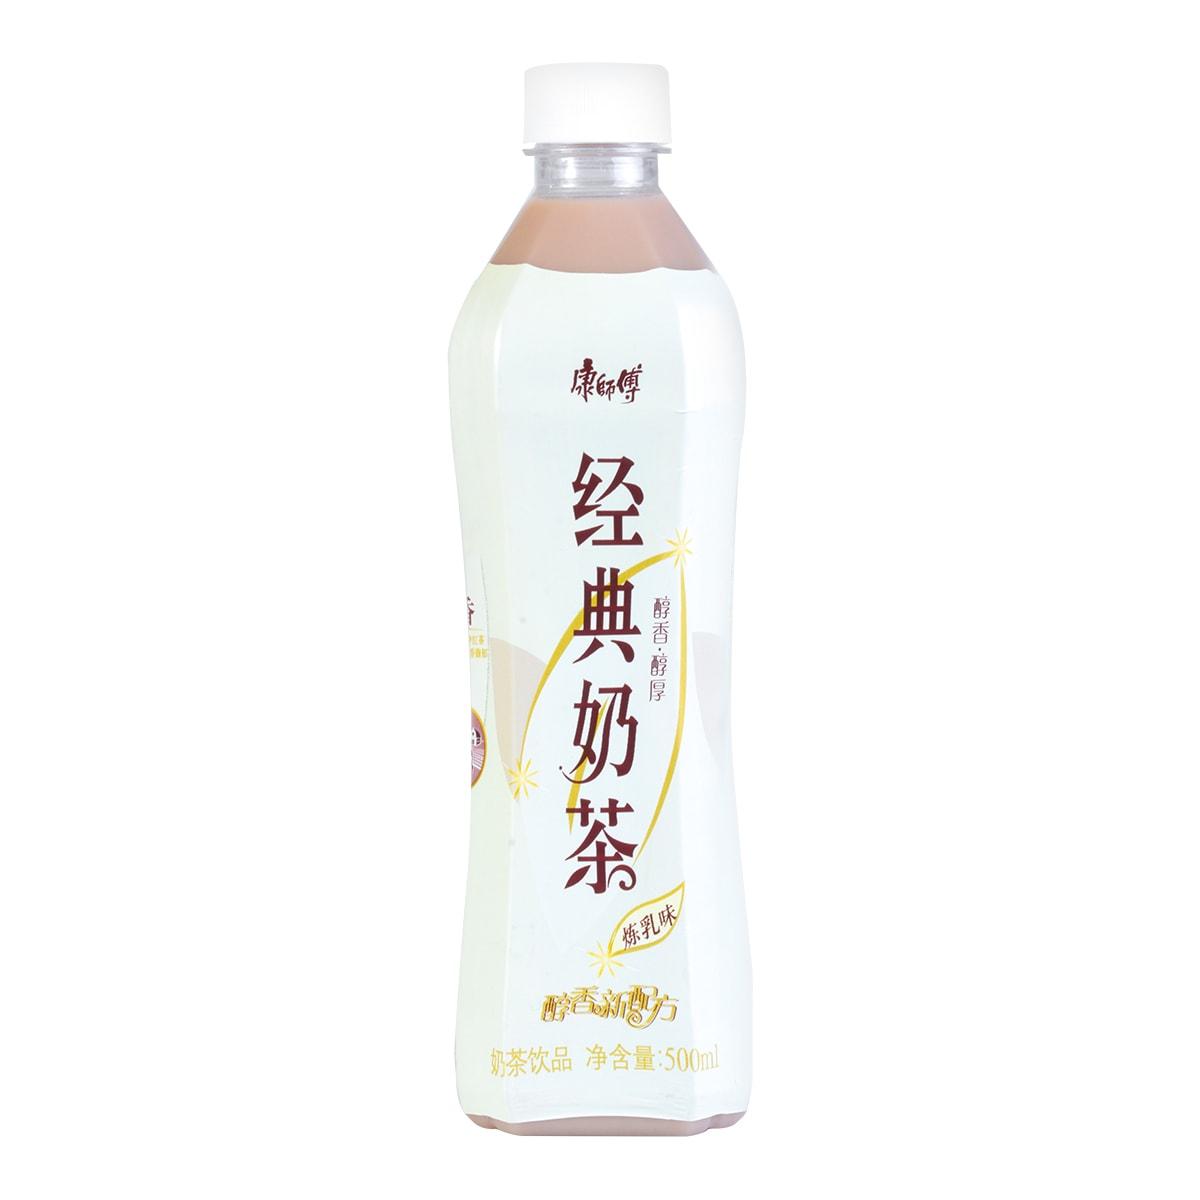 康师傅 经典奶茶 炼乳味 500ml